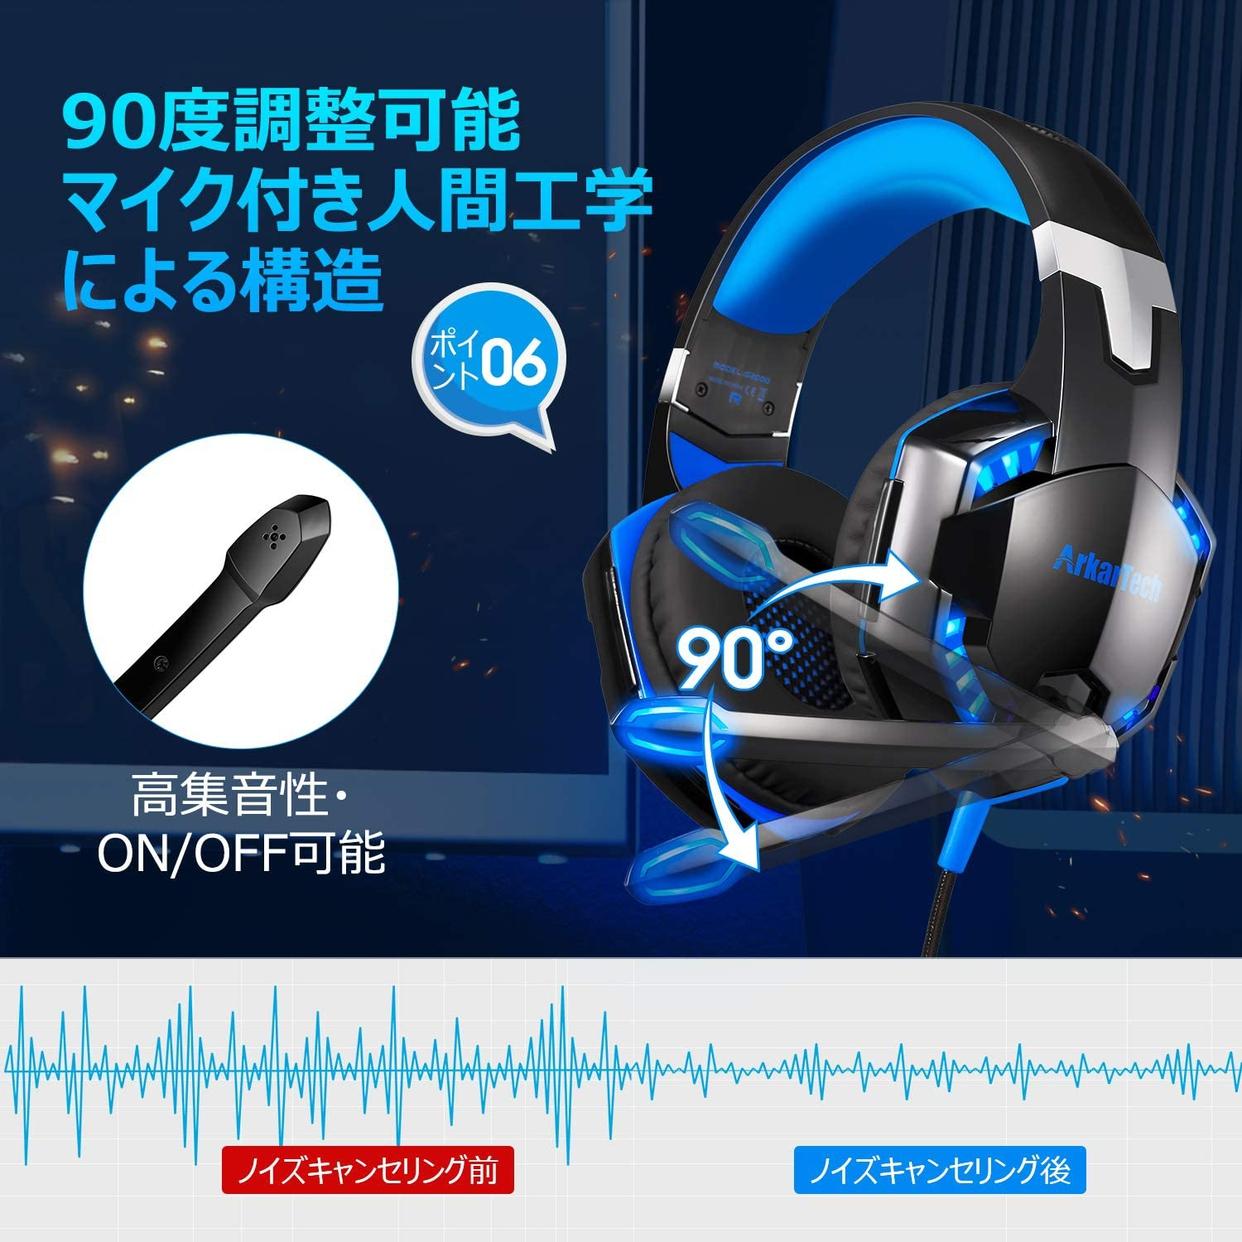 ARKARTECH(アーカーテック) ゲーミングヘッドセット G2000の商品画像7